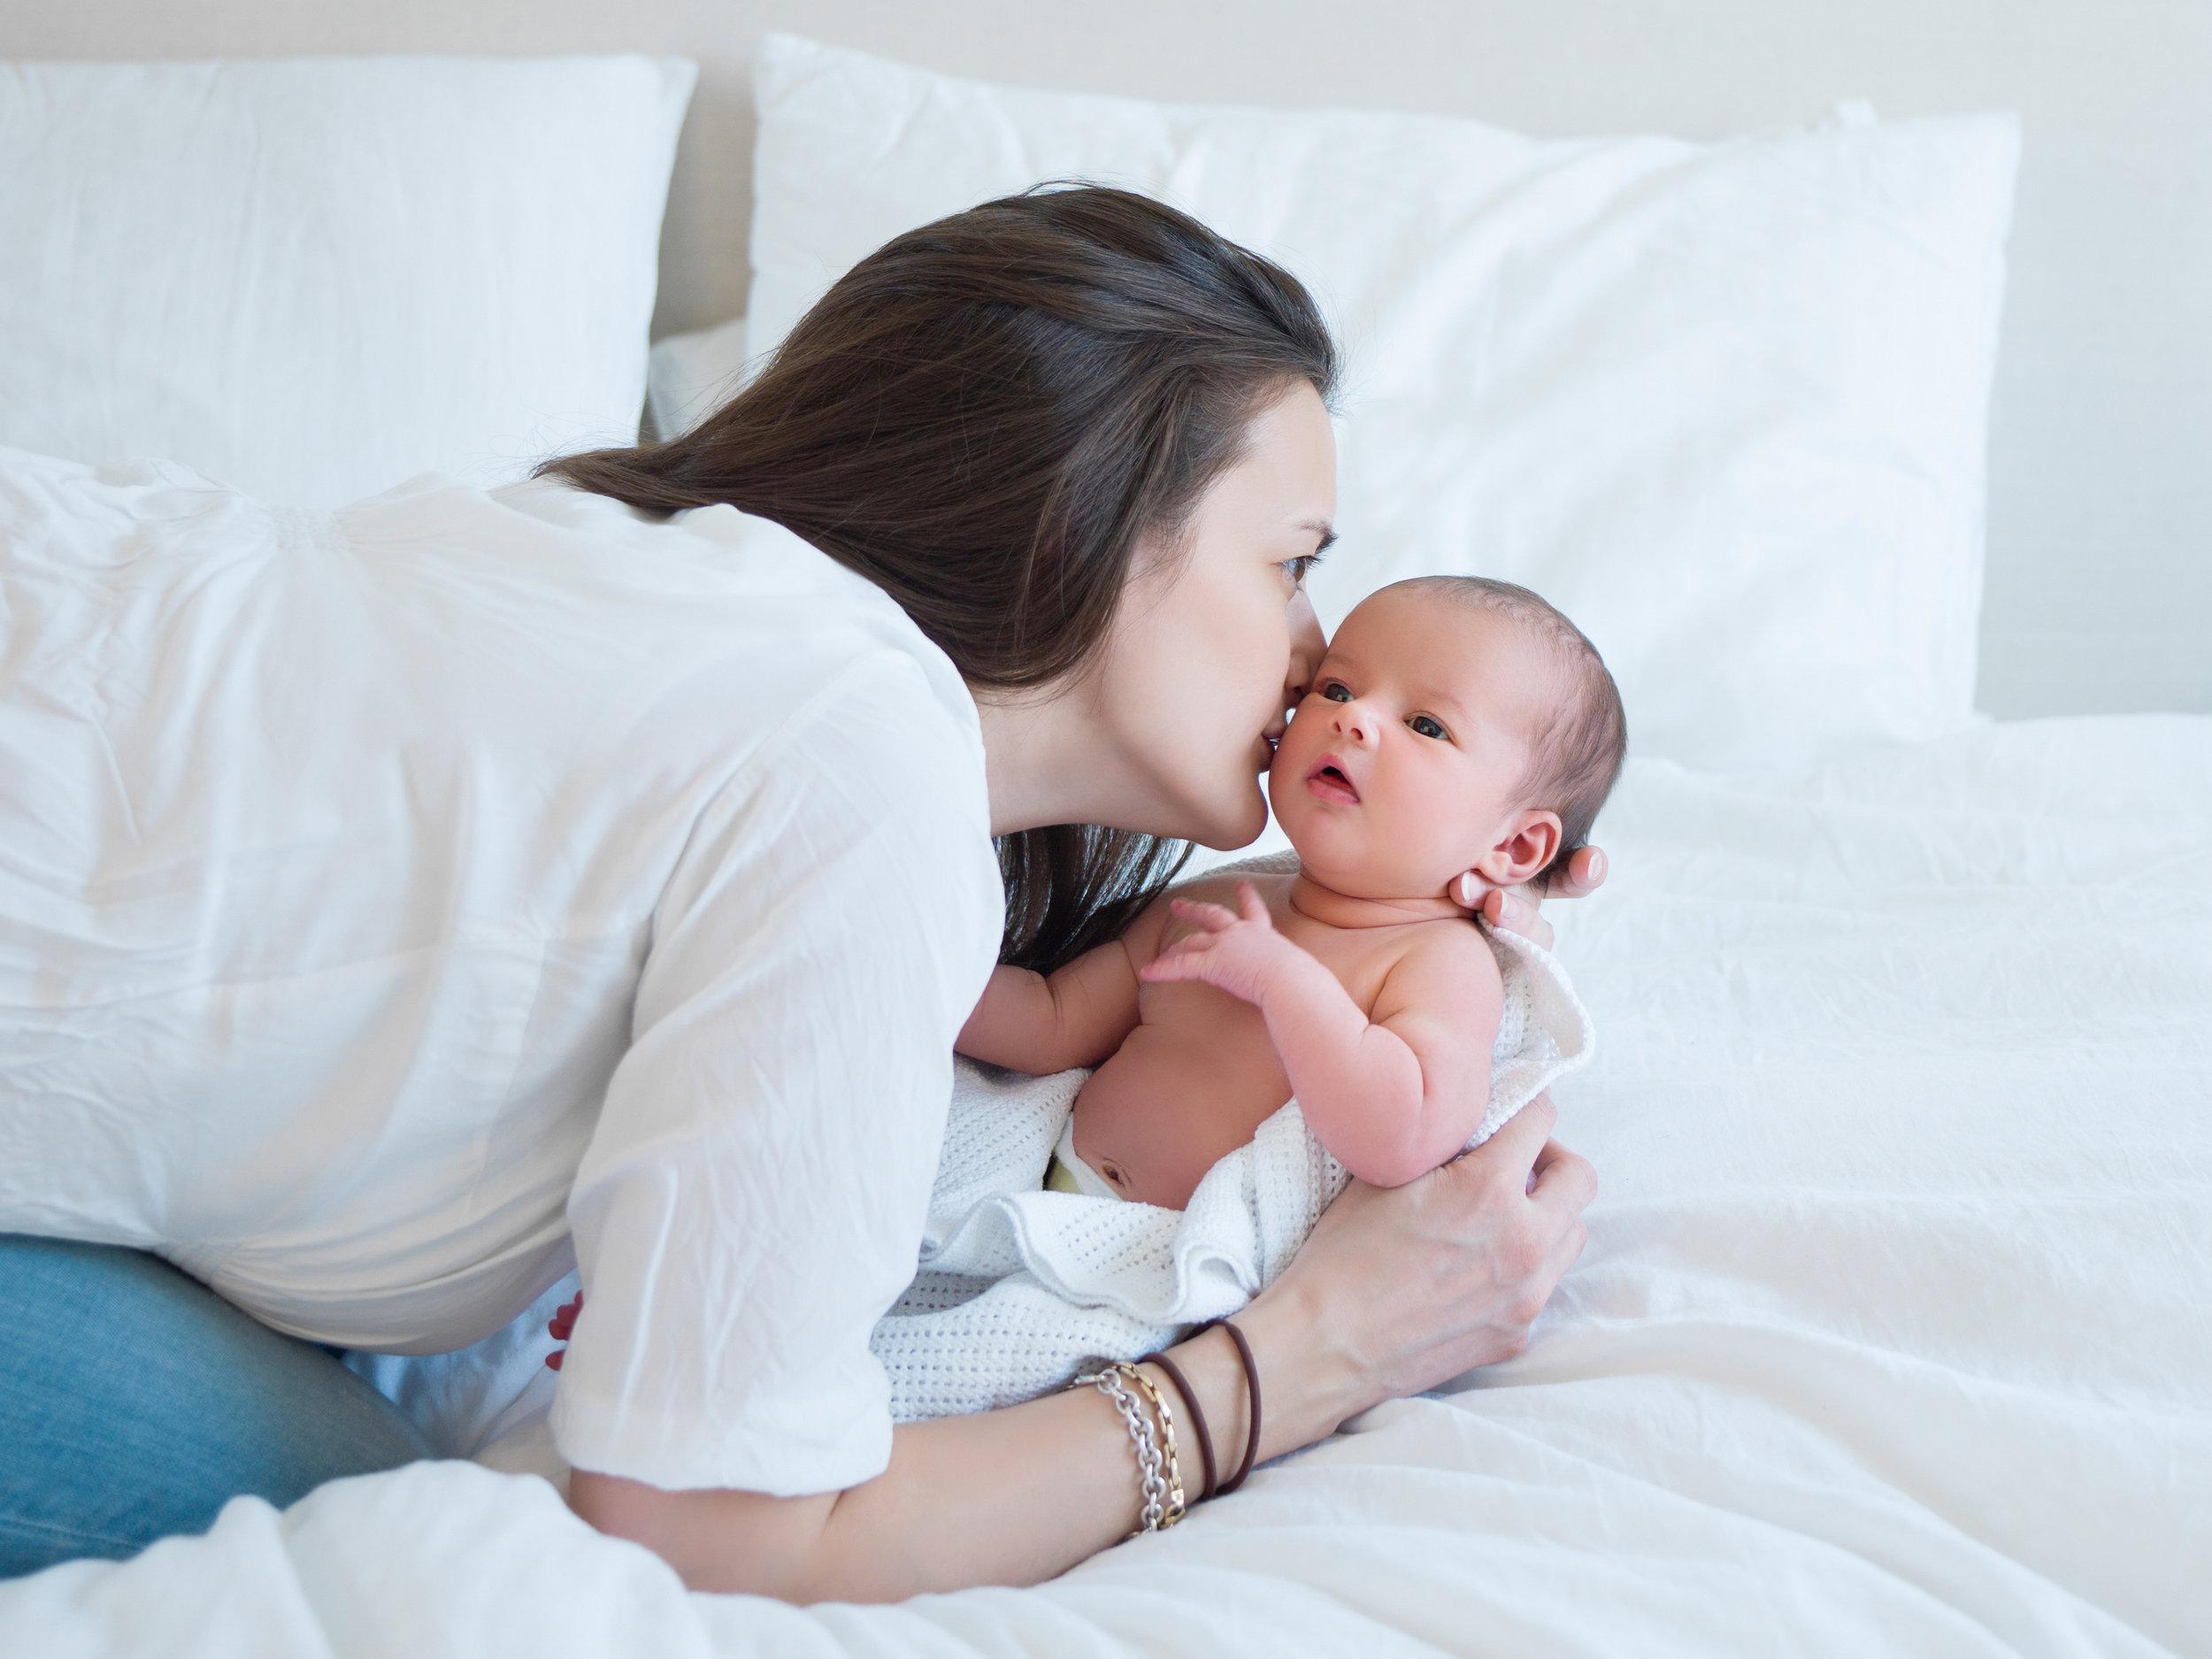 newborn-baby-photoshoot.jpg